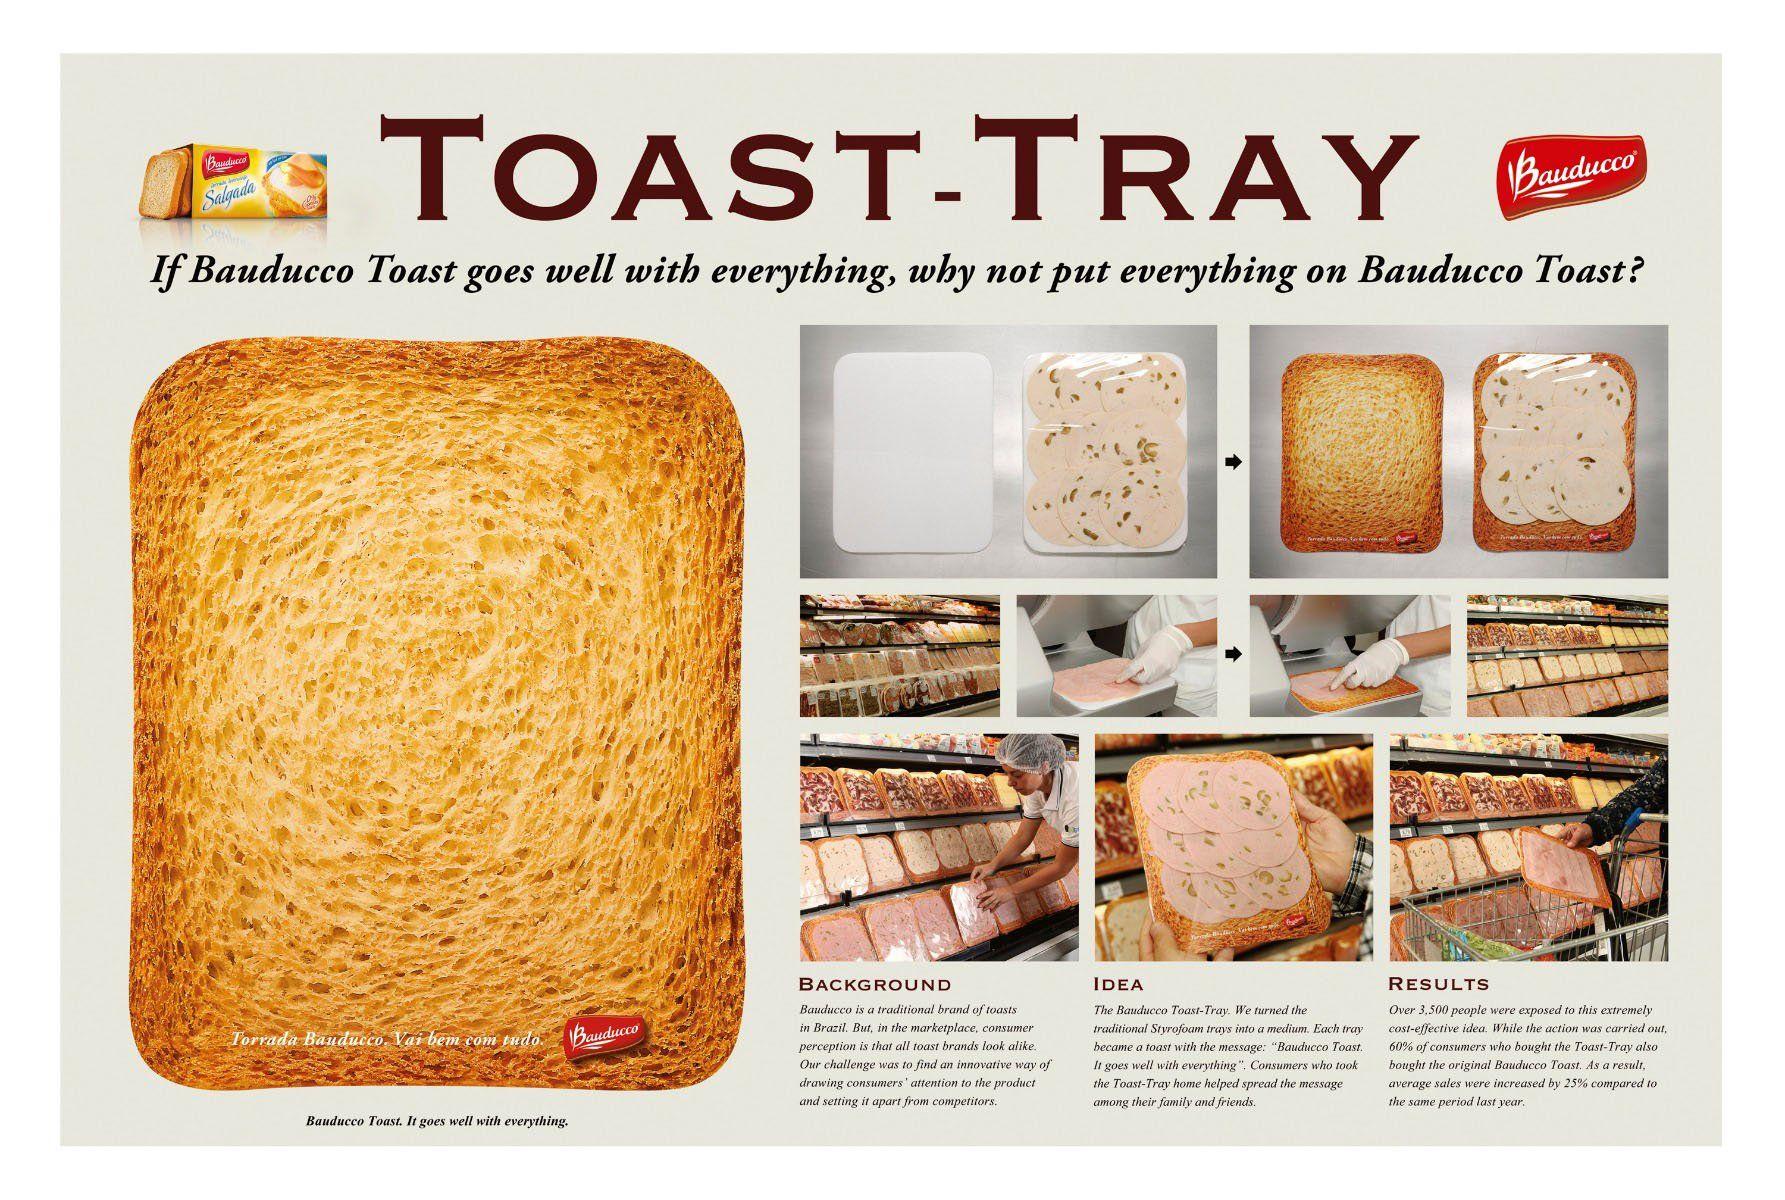 bauducco-bauducco-toast-toast-tray-direct-marketing-design-359529-adeevee.jpg (1785×1200)